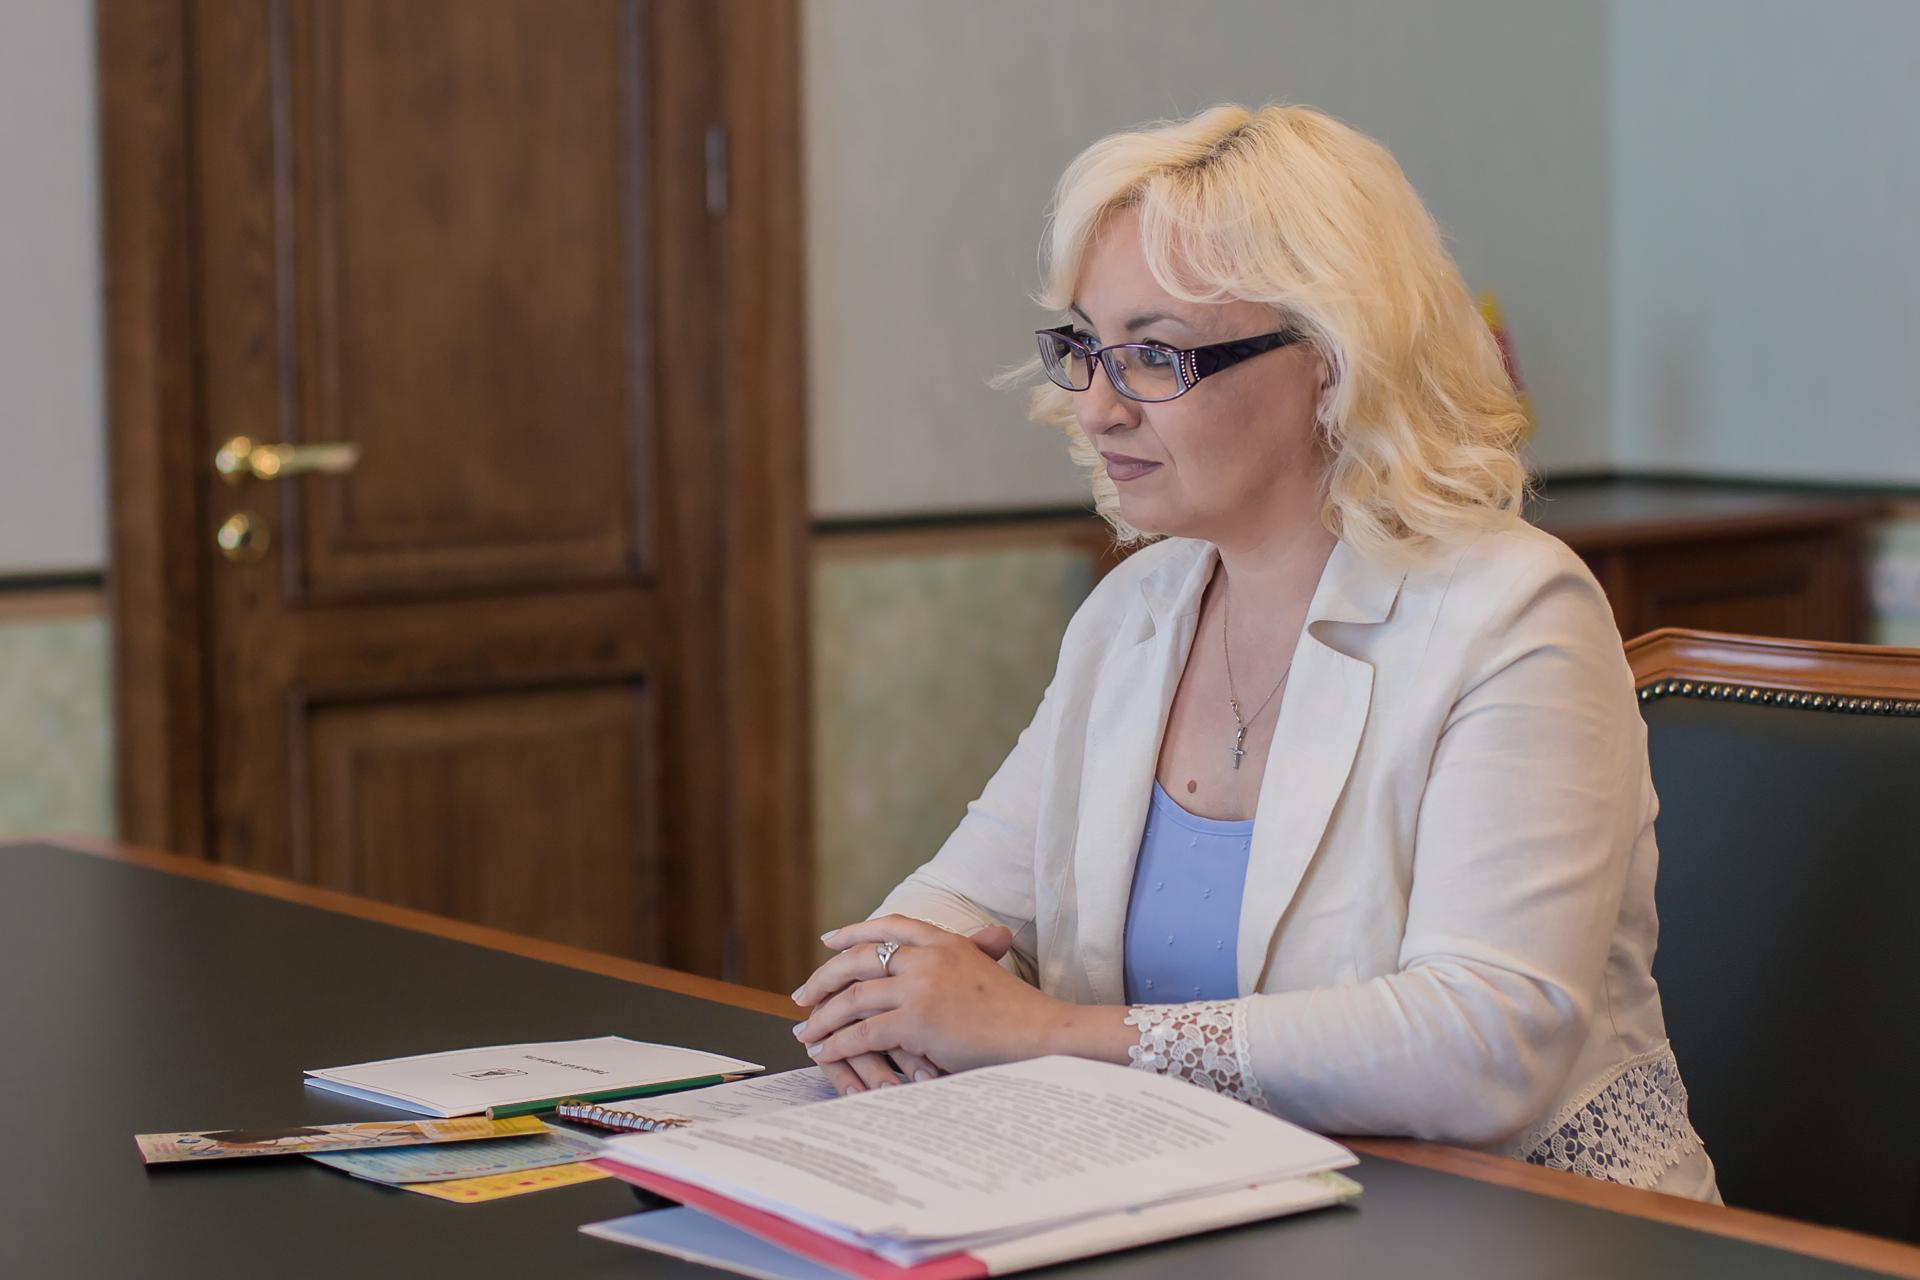 Лариса Мосолыгина: Информированность о поддержке так же важна, как сама поддержка